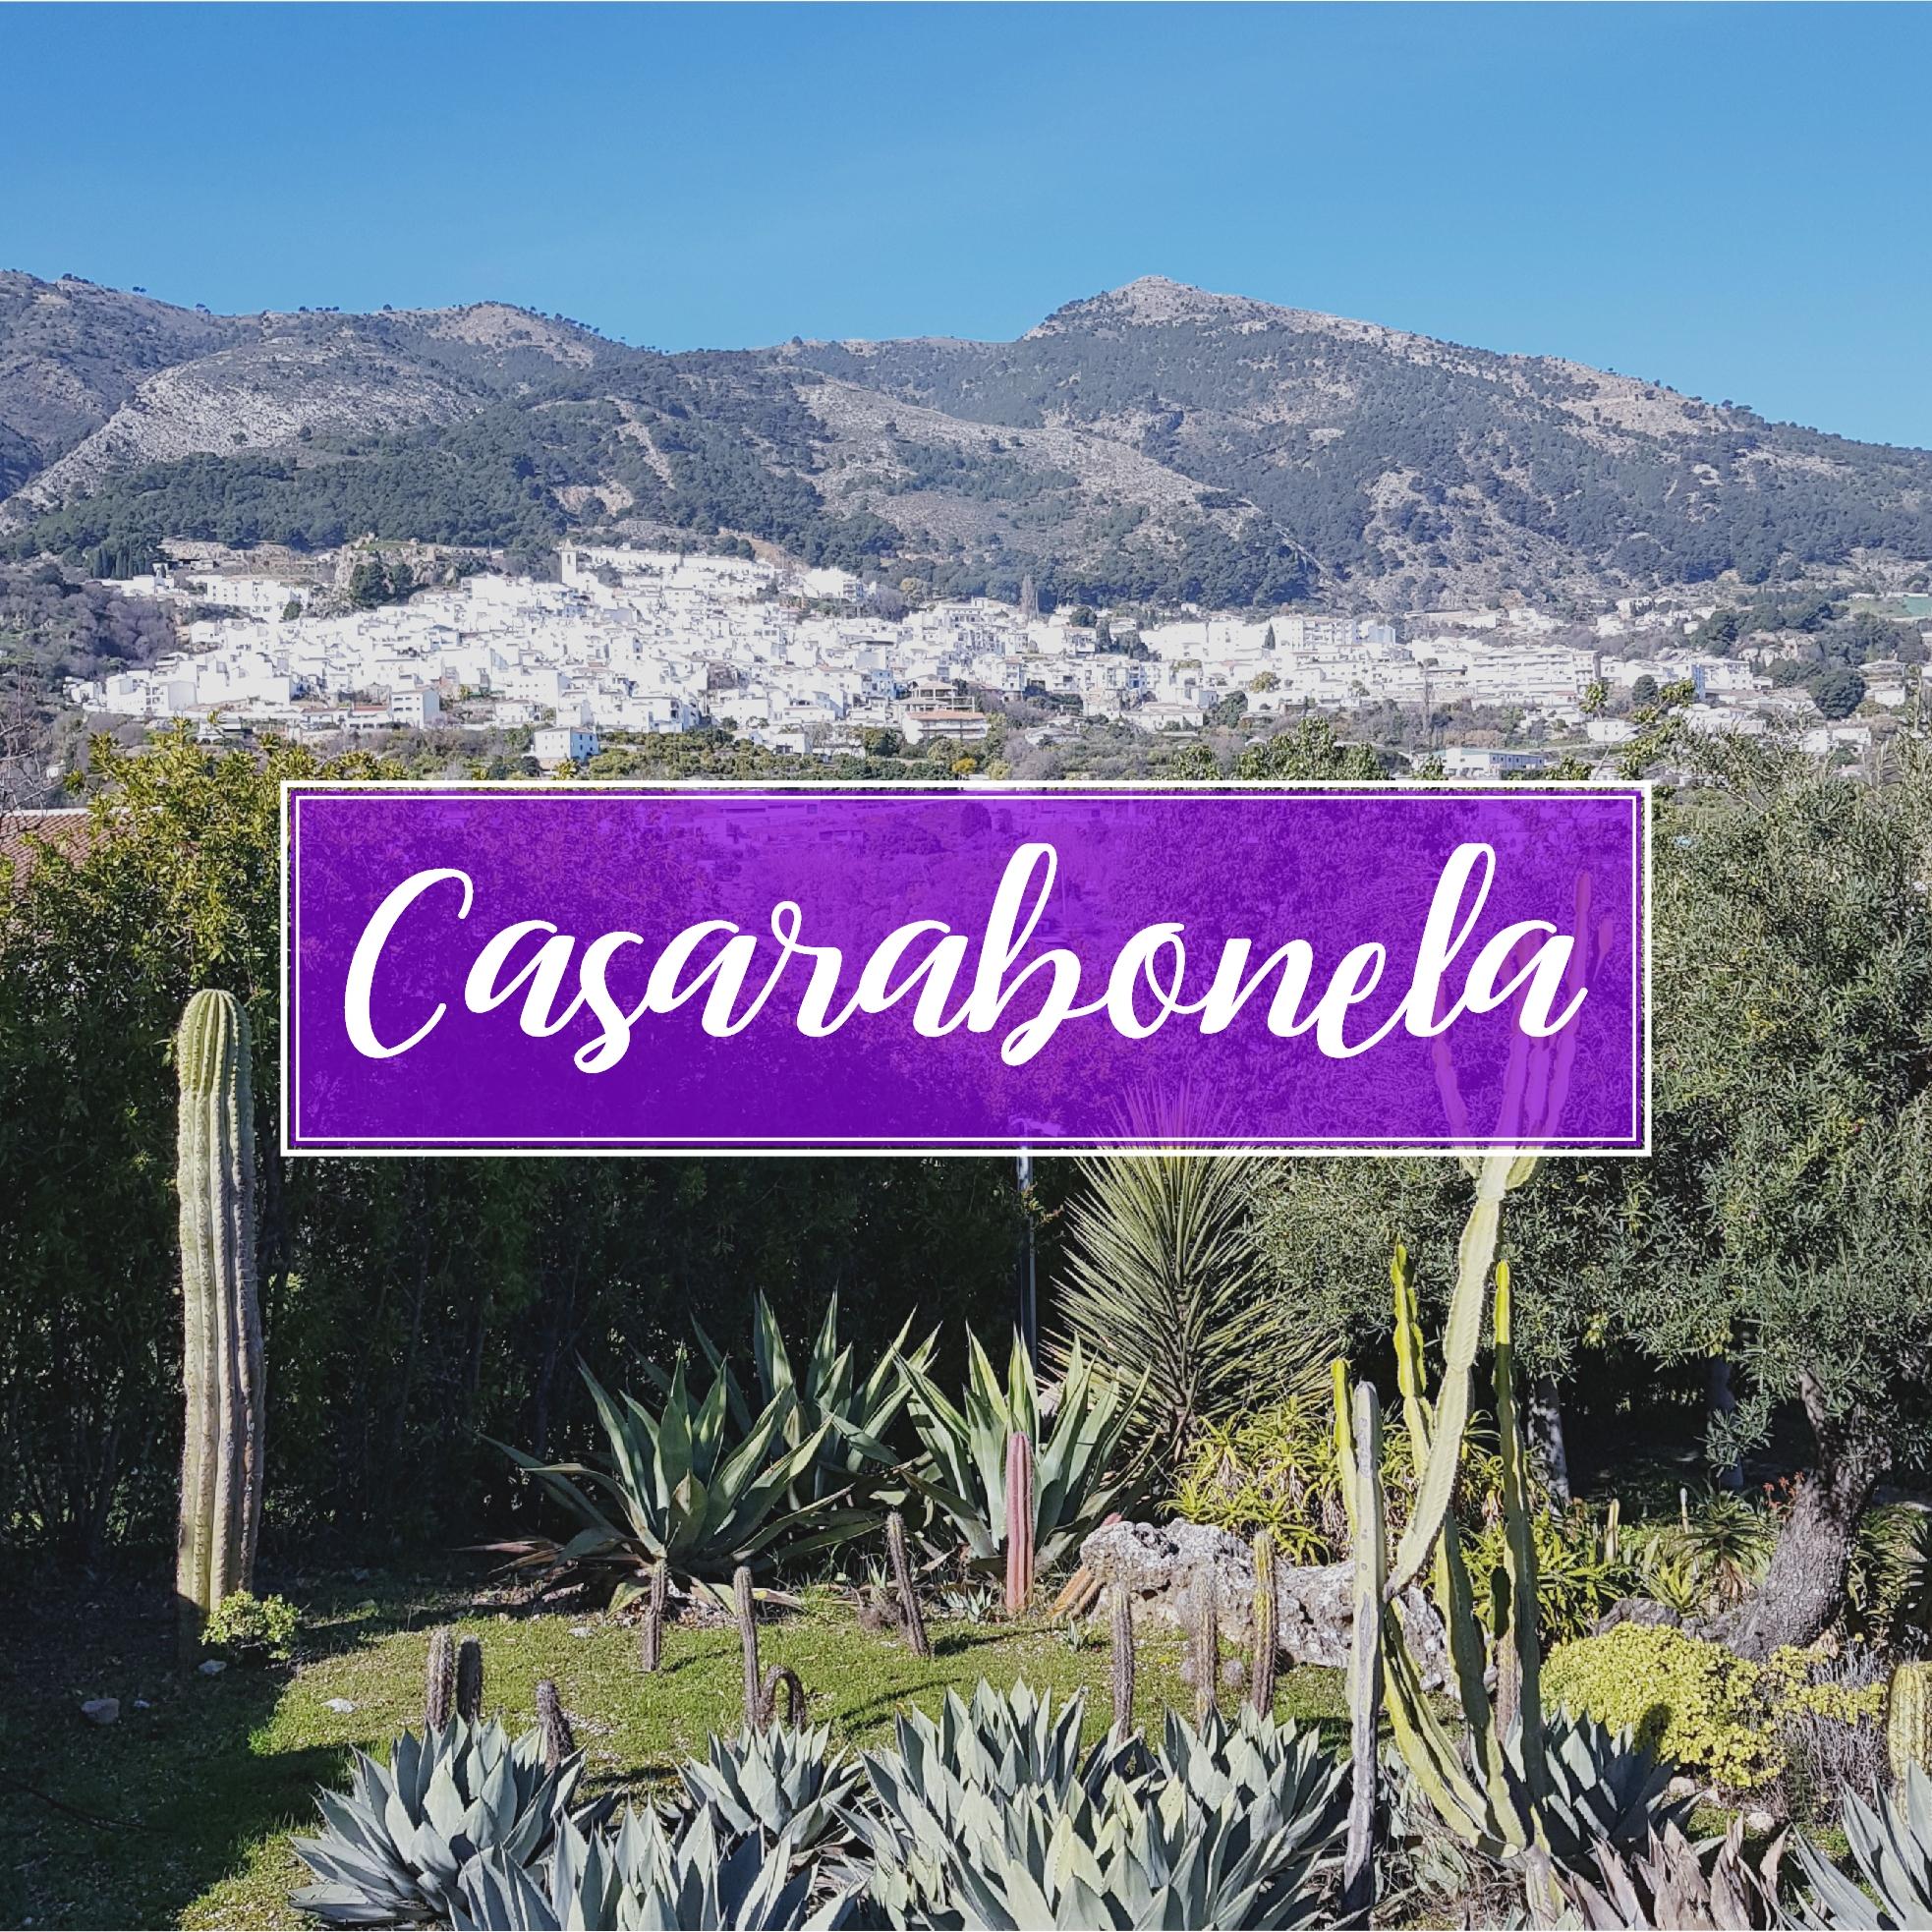 Casarabonela Pueblo Malaga